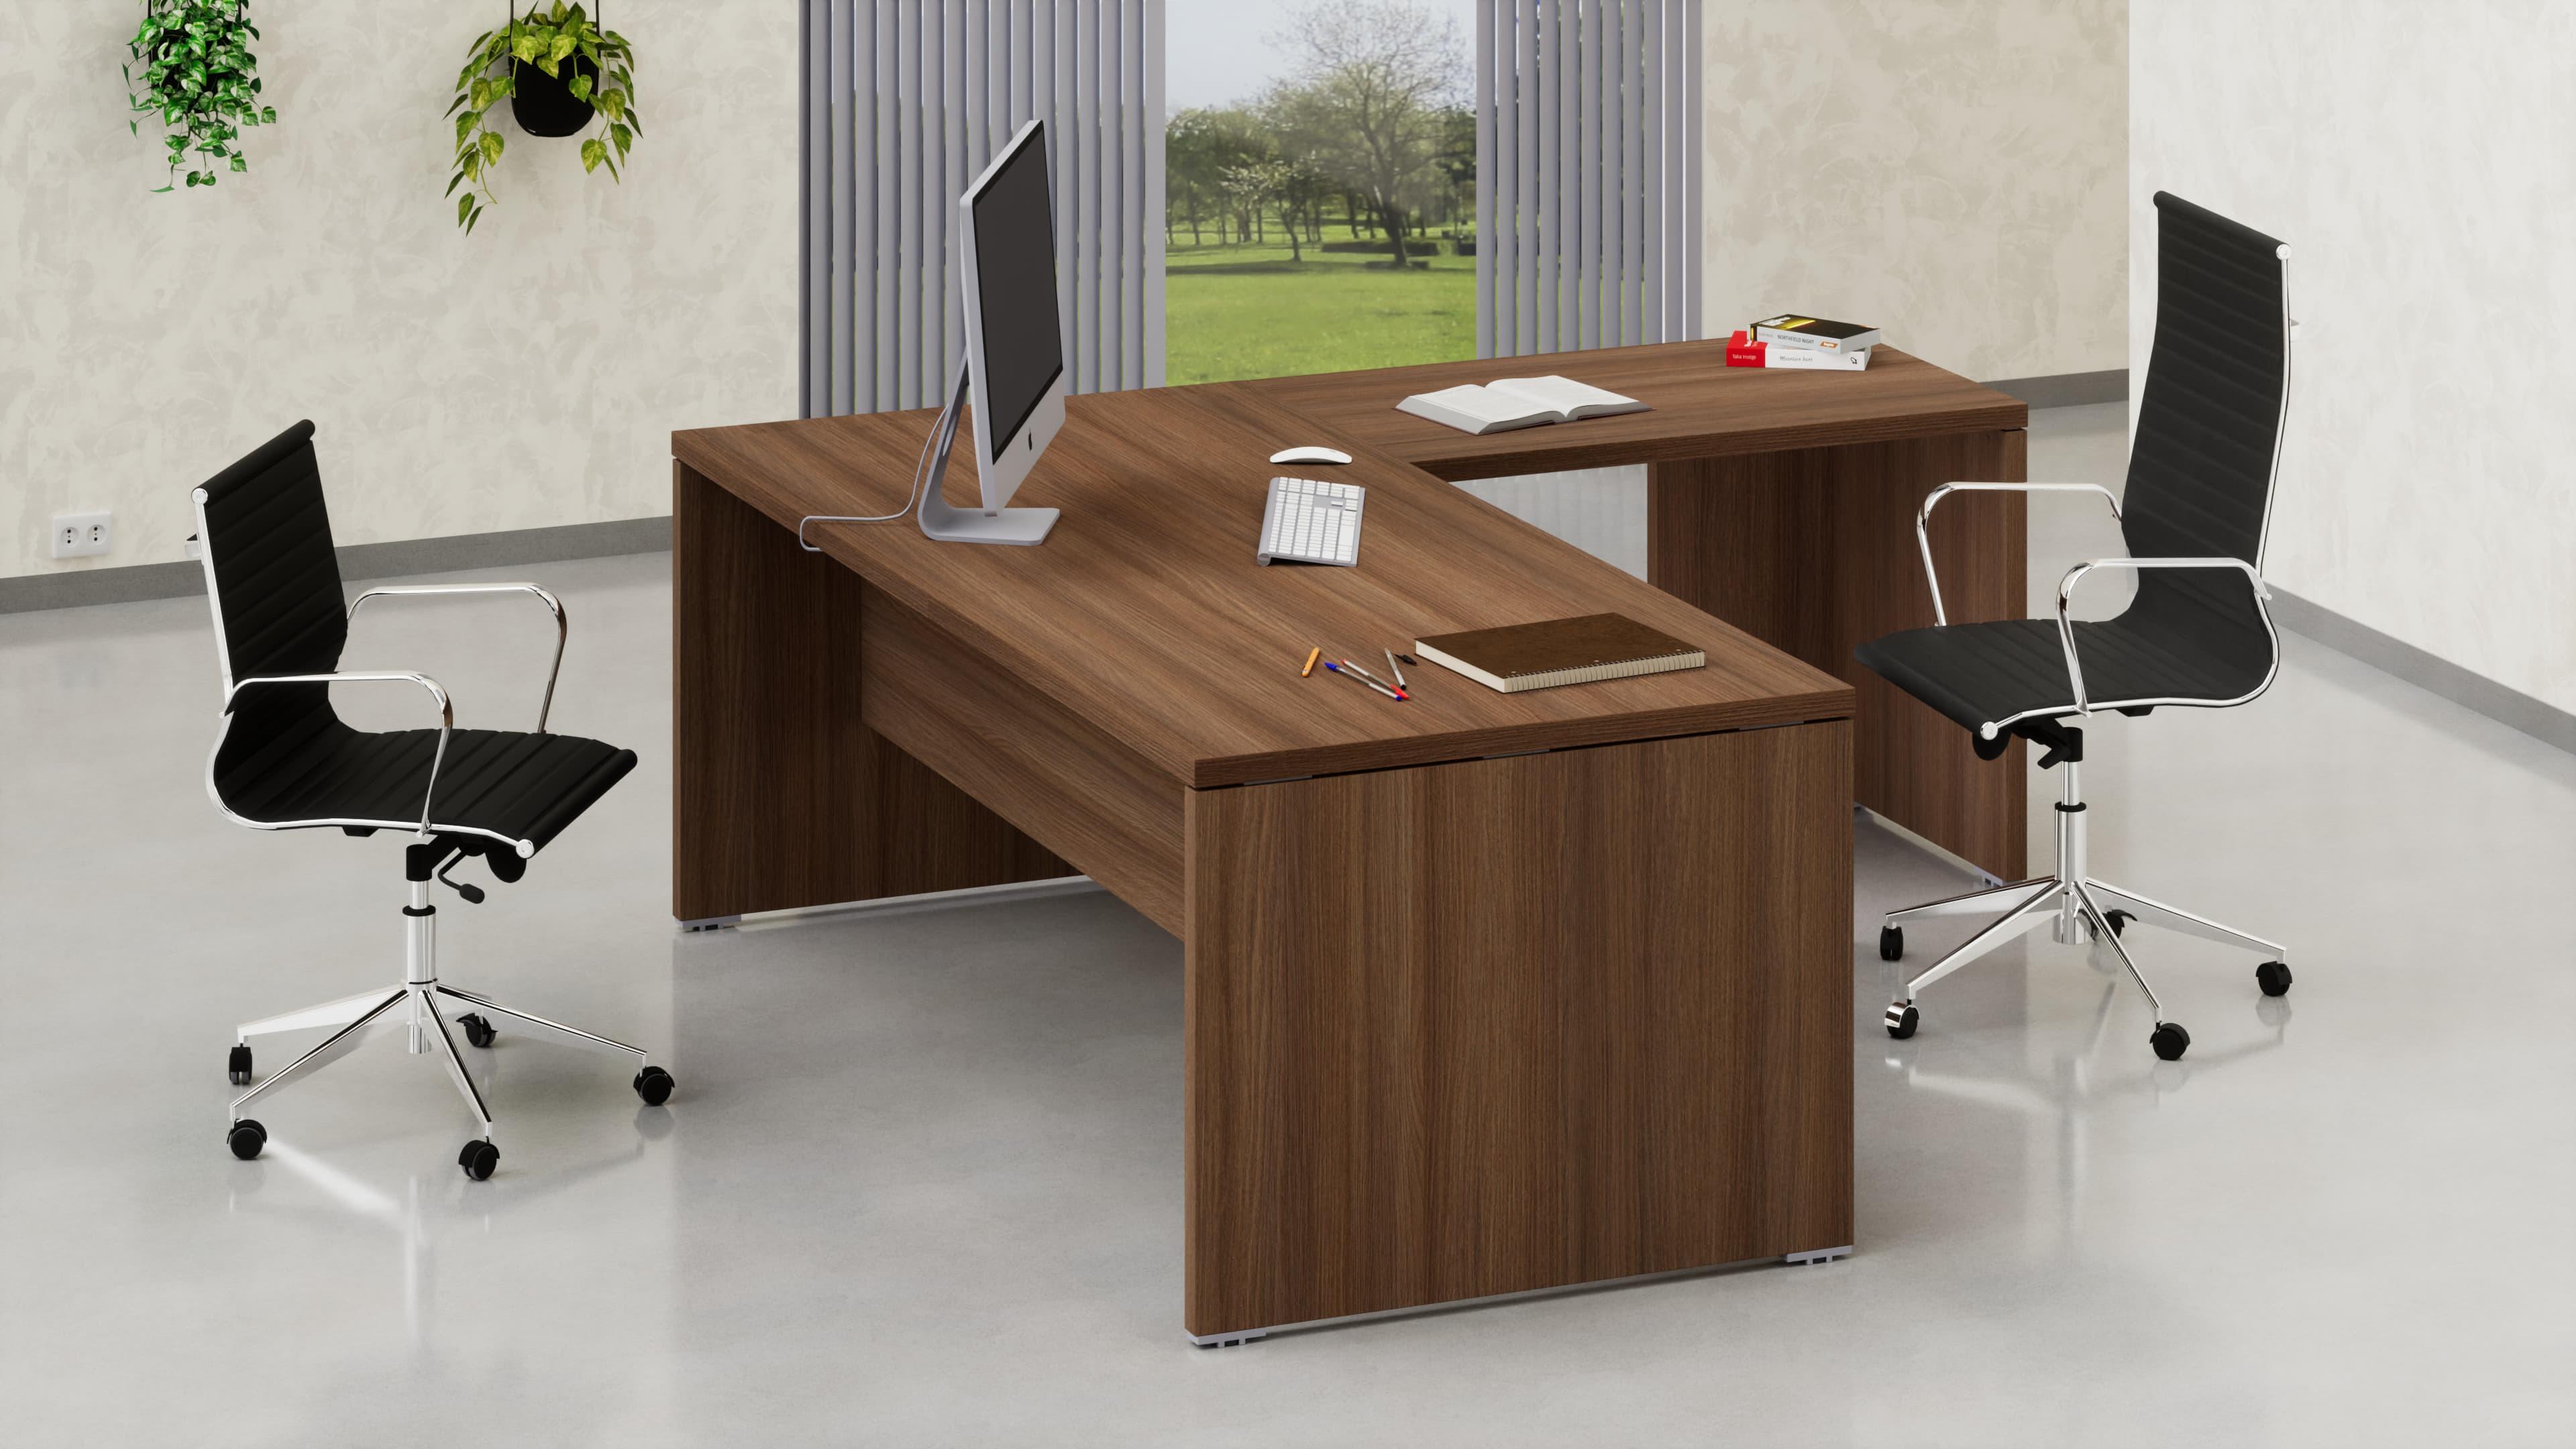 Scrivania legno per ufficio direzionale con allungo laterale